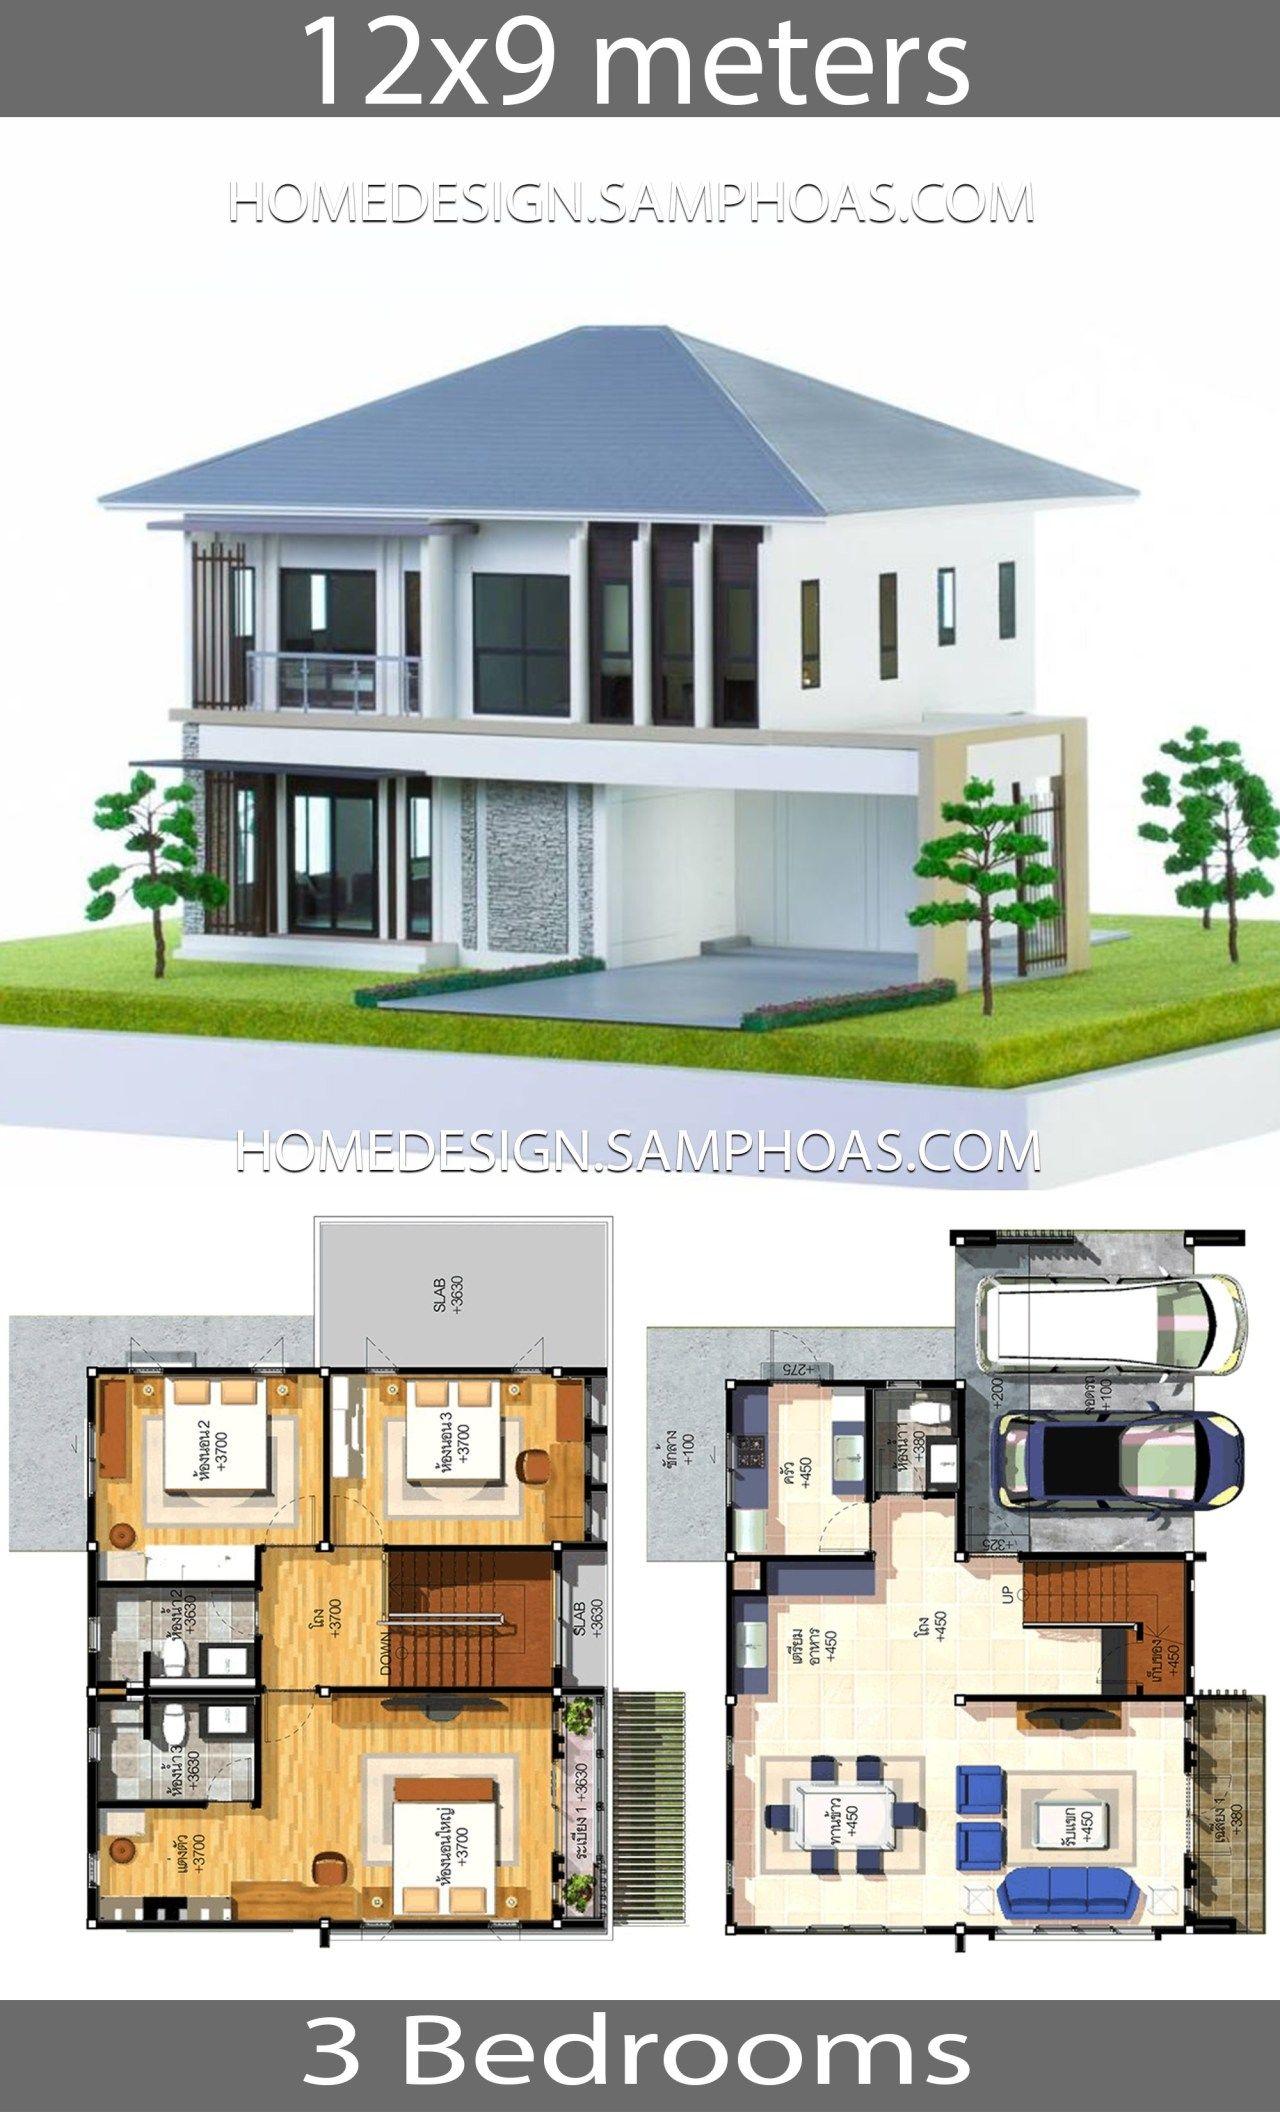 House Plans Idea 12x9 With 3 Bedrooms Projetos De Casas Terreas Casas Contemporaneas Projetos De Casas